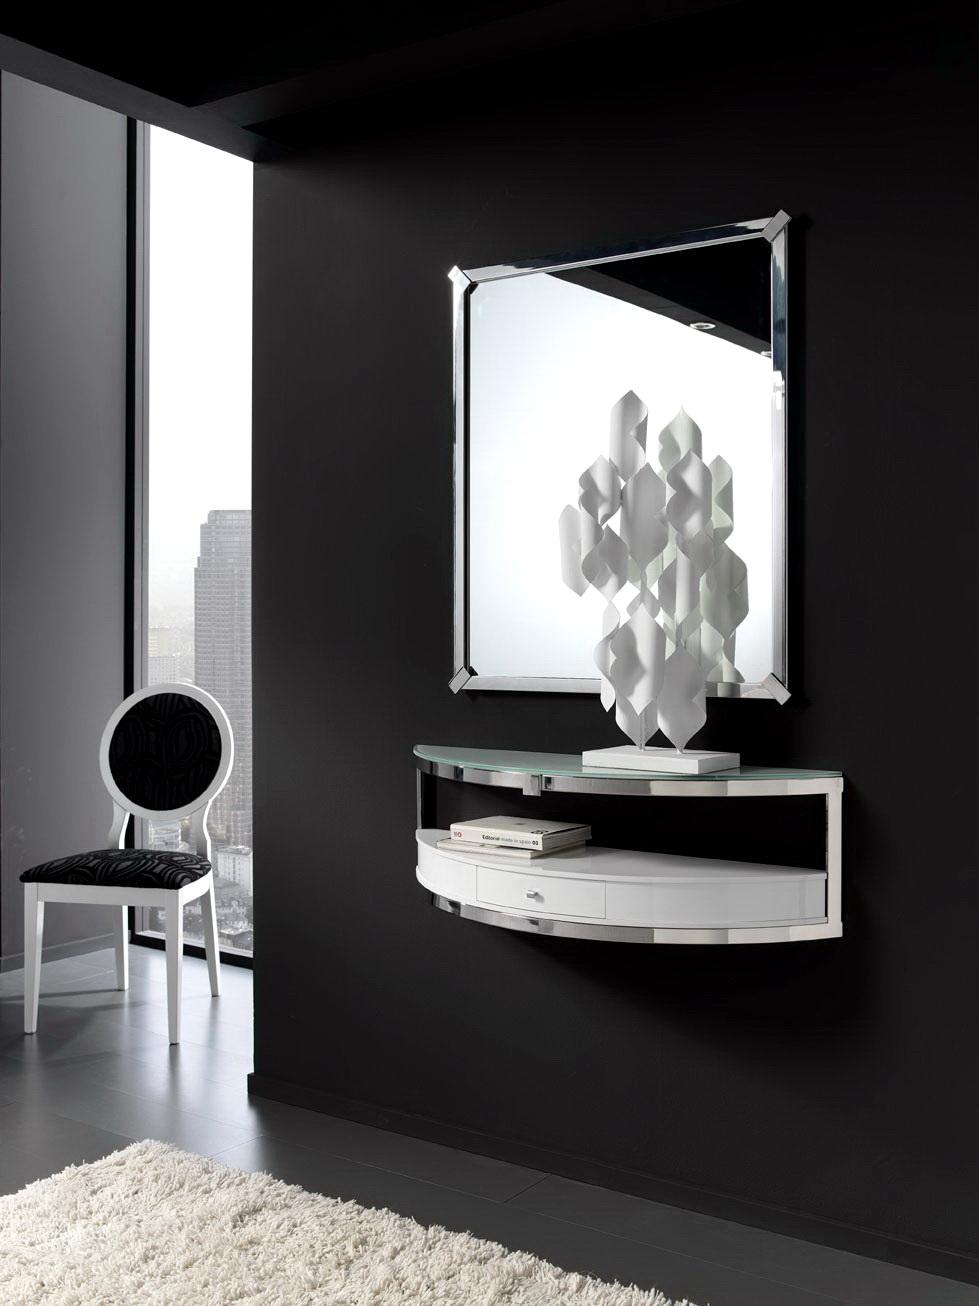 Mueble entrada moderno CONSOLA ANZADI 609.1 by Zache Diseño en muebles antoñán® León